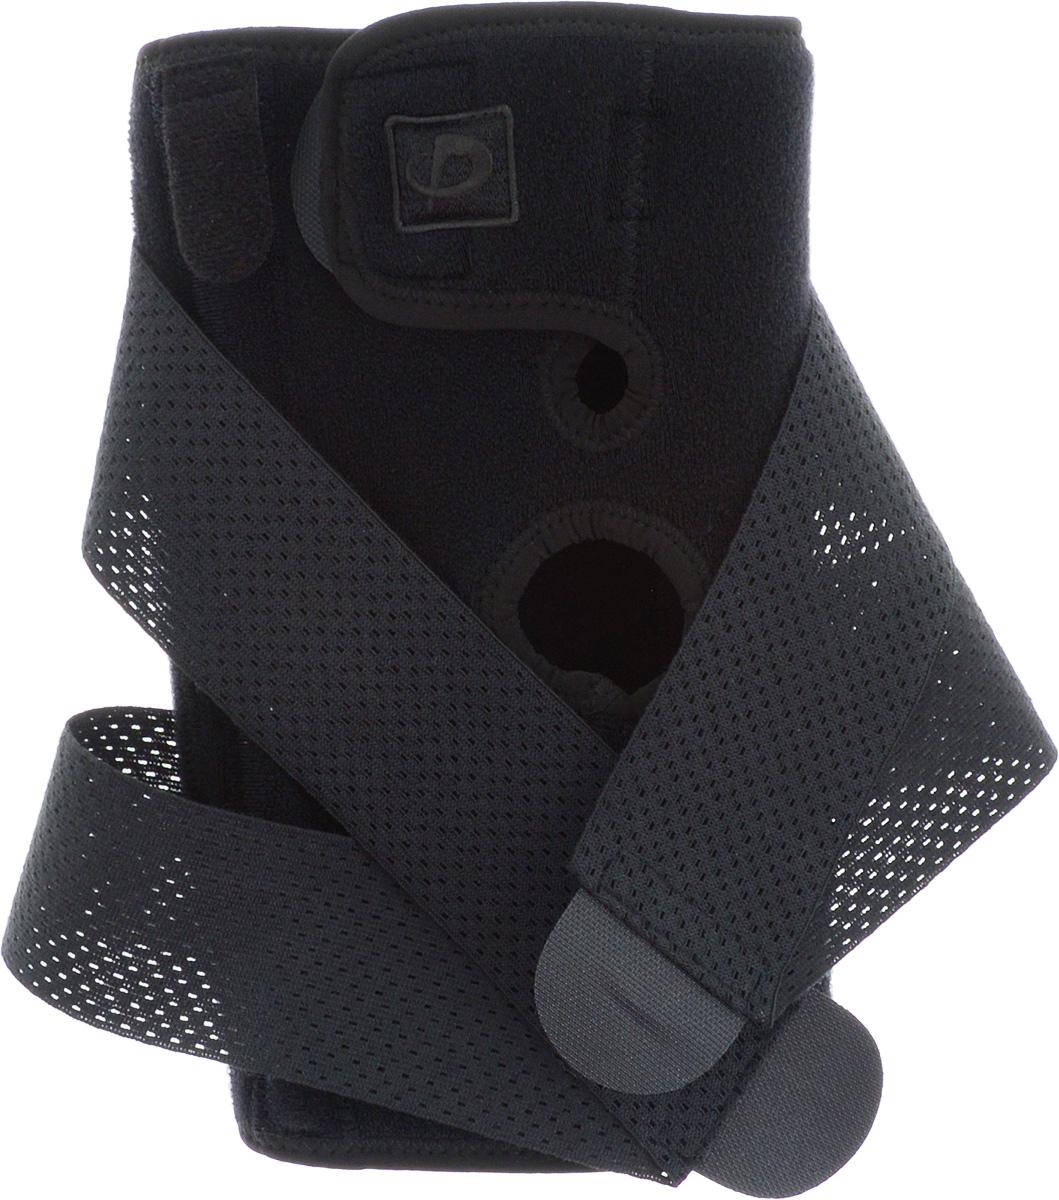 Суппорт колена Phiten Hard Type. Размер М (42-48 см)AP164004Суппорт колена Phiten Hard Type обеспечивает мягкую фиксацию сустава, активное воздействие на проприоцепторы, снятие суставного, связочного и мышечного напряжения, облегчение болевых ощущений. Показания к применению: все виды воспаления коленного сустава, растяжение мышц и связок коленного сустава, бурситы, хронические дегенеративные заболевания суставов, артроз коленного сустава, артрит и остеоартрит, пателлофеморальный болевой синдром. Жесткая, но регулируемая благодаря специальному ремню фиксация этого суппорта идеально подходит для ношения в течение всего дня или при восстановлении после травм коленного сустава, мышц и связок. Благодаря специальной пропитке акватитаном, пояс способствует скорейшему восстановлению после травмы. Материал: наружная часть: нейлон 93%, полиуретан 7%; внутренняя часть: нейлон 80%, полиуретан 20%; липучка: полиэстер 100%; акватитан, аквапалладий. Обхват колена: 42-48 см.